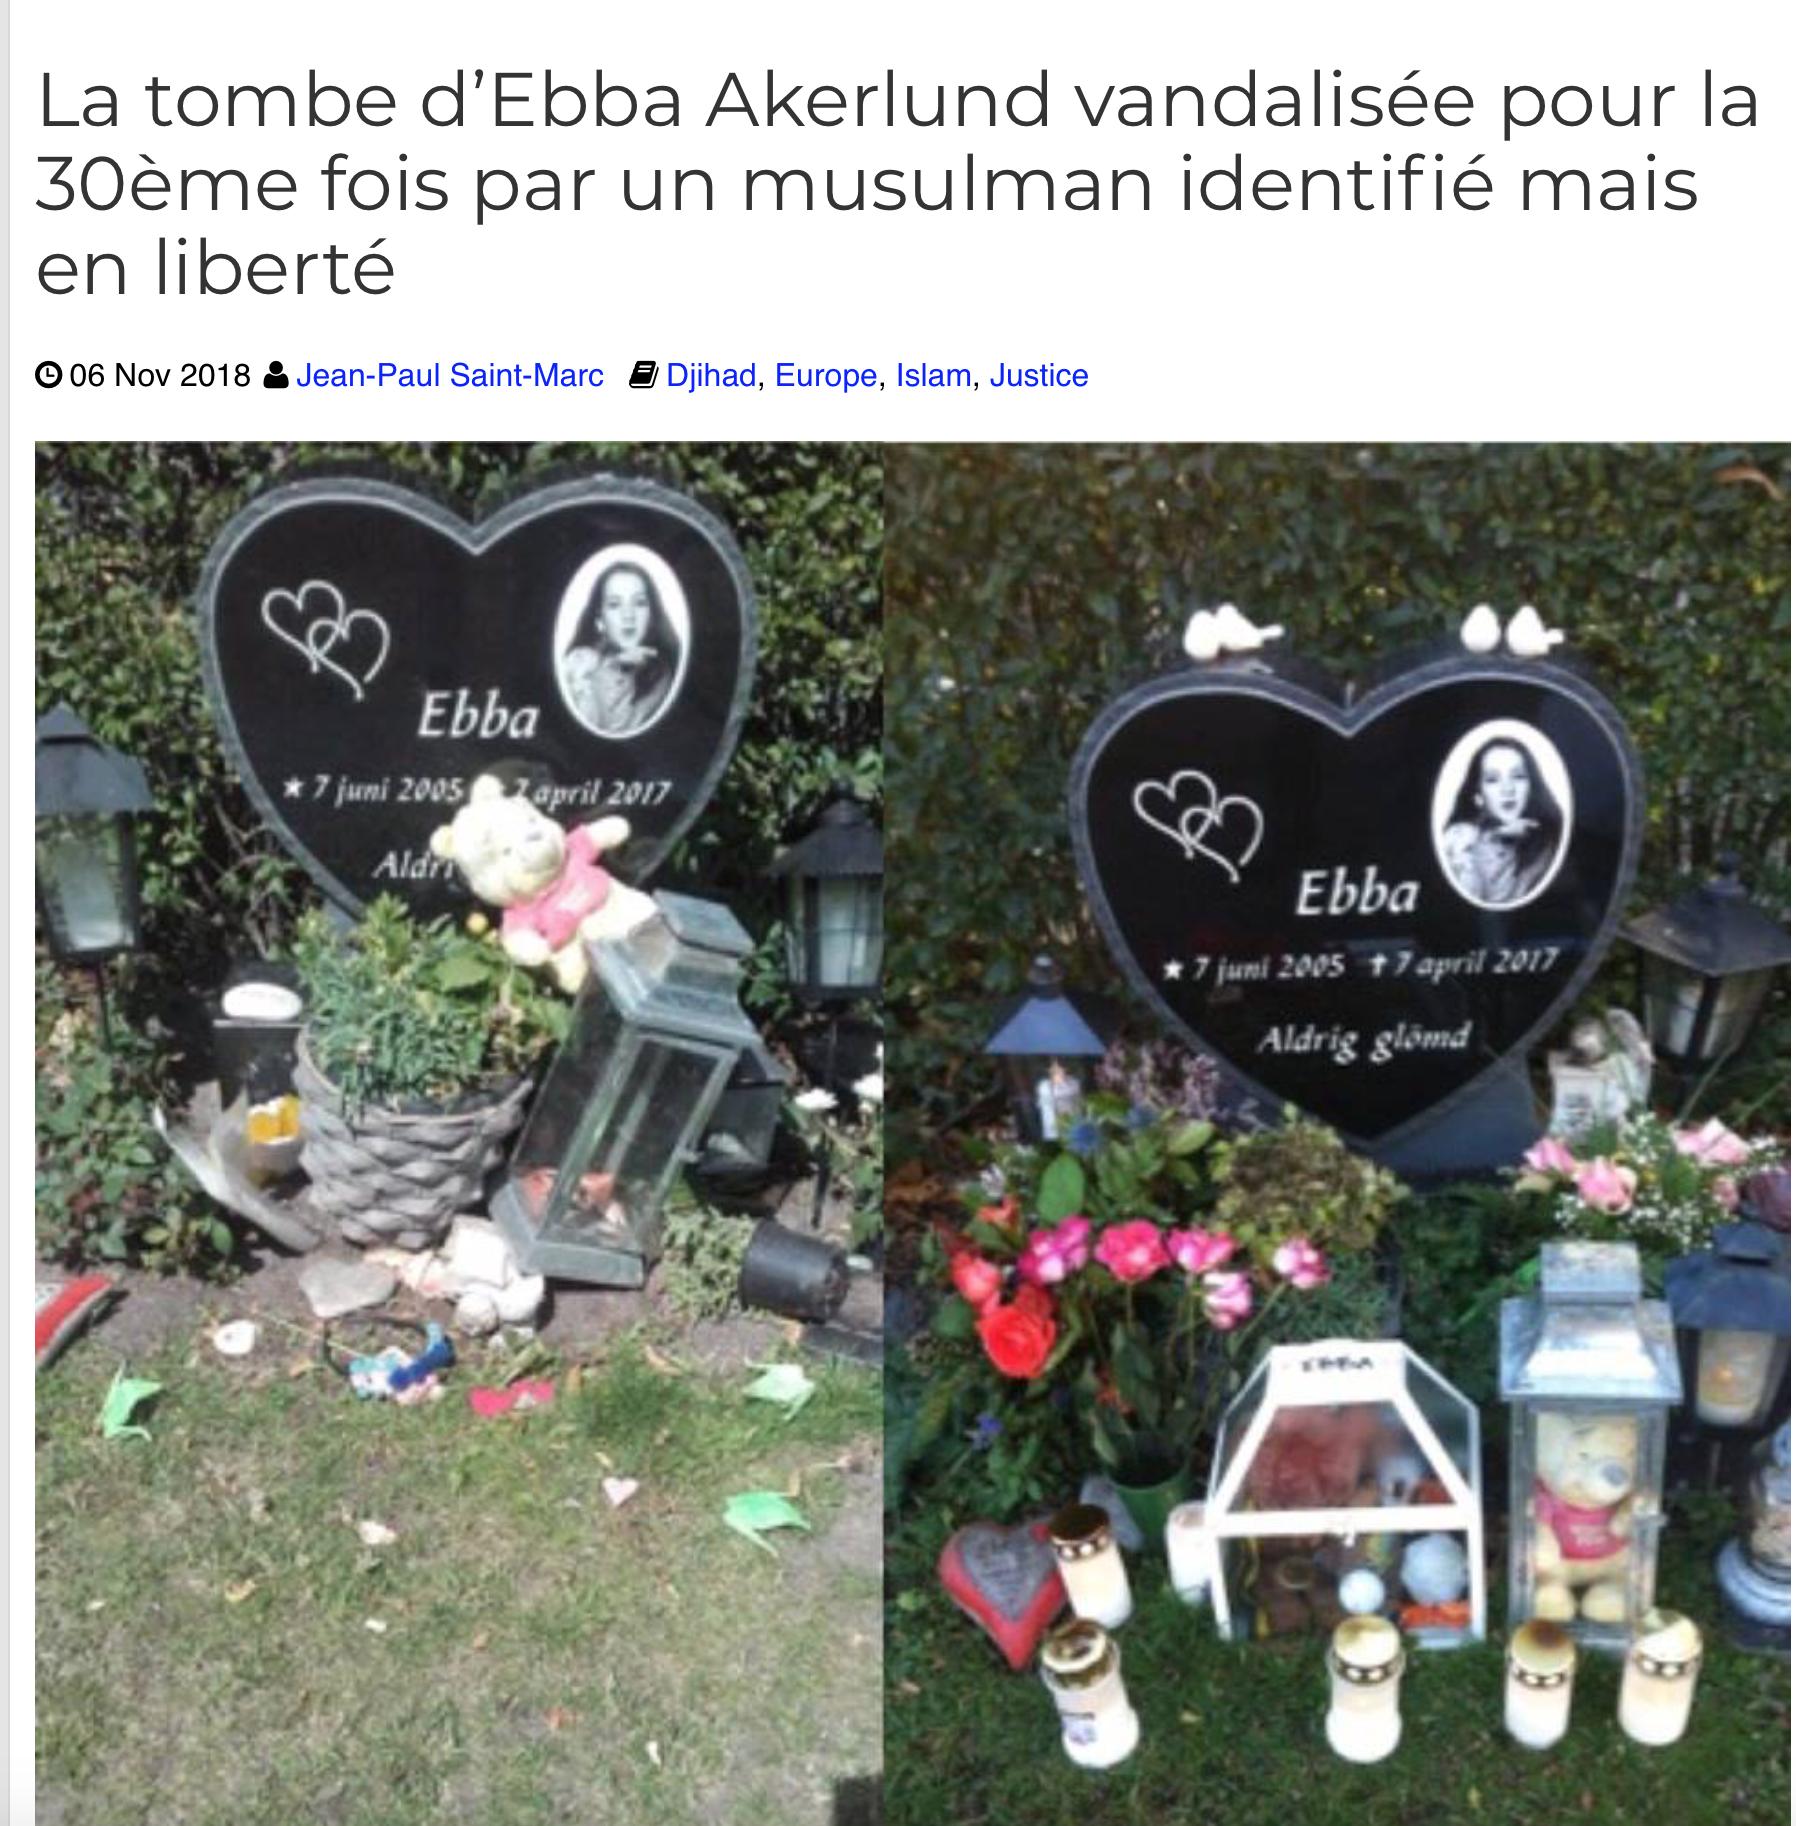 C'est parce que des musulmans ont tué la petite Ebba Akerlund que Brenton Tarrant a tué à Christchurch